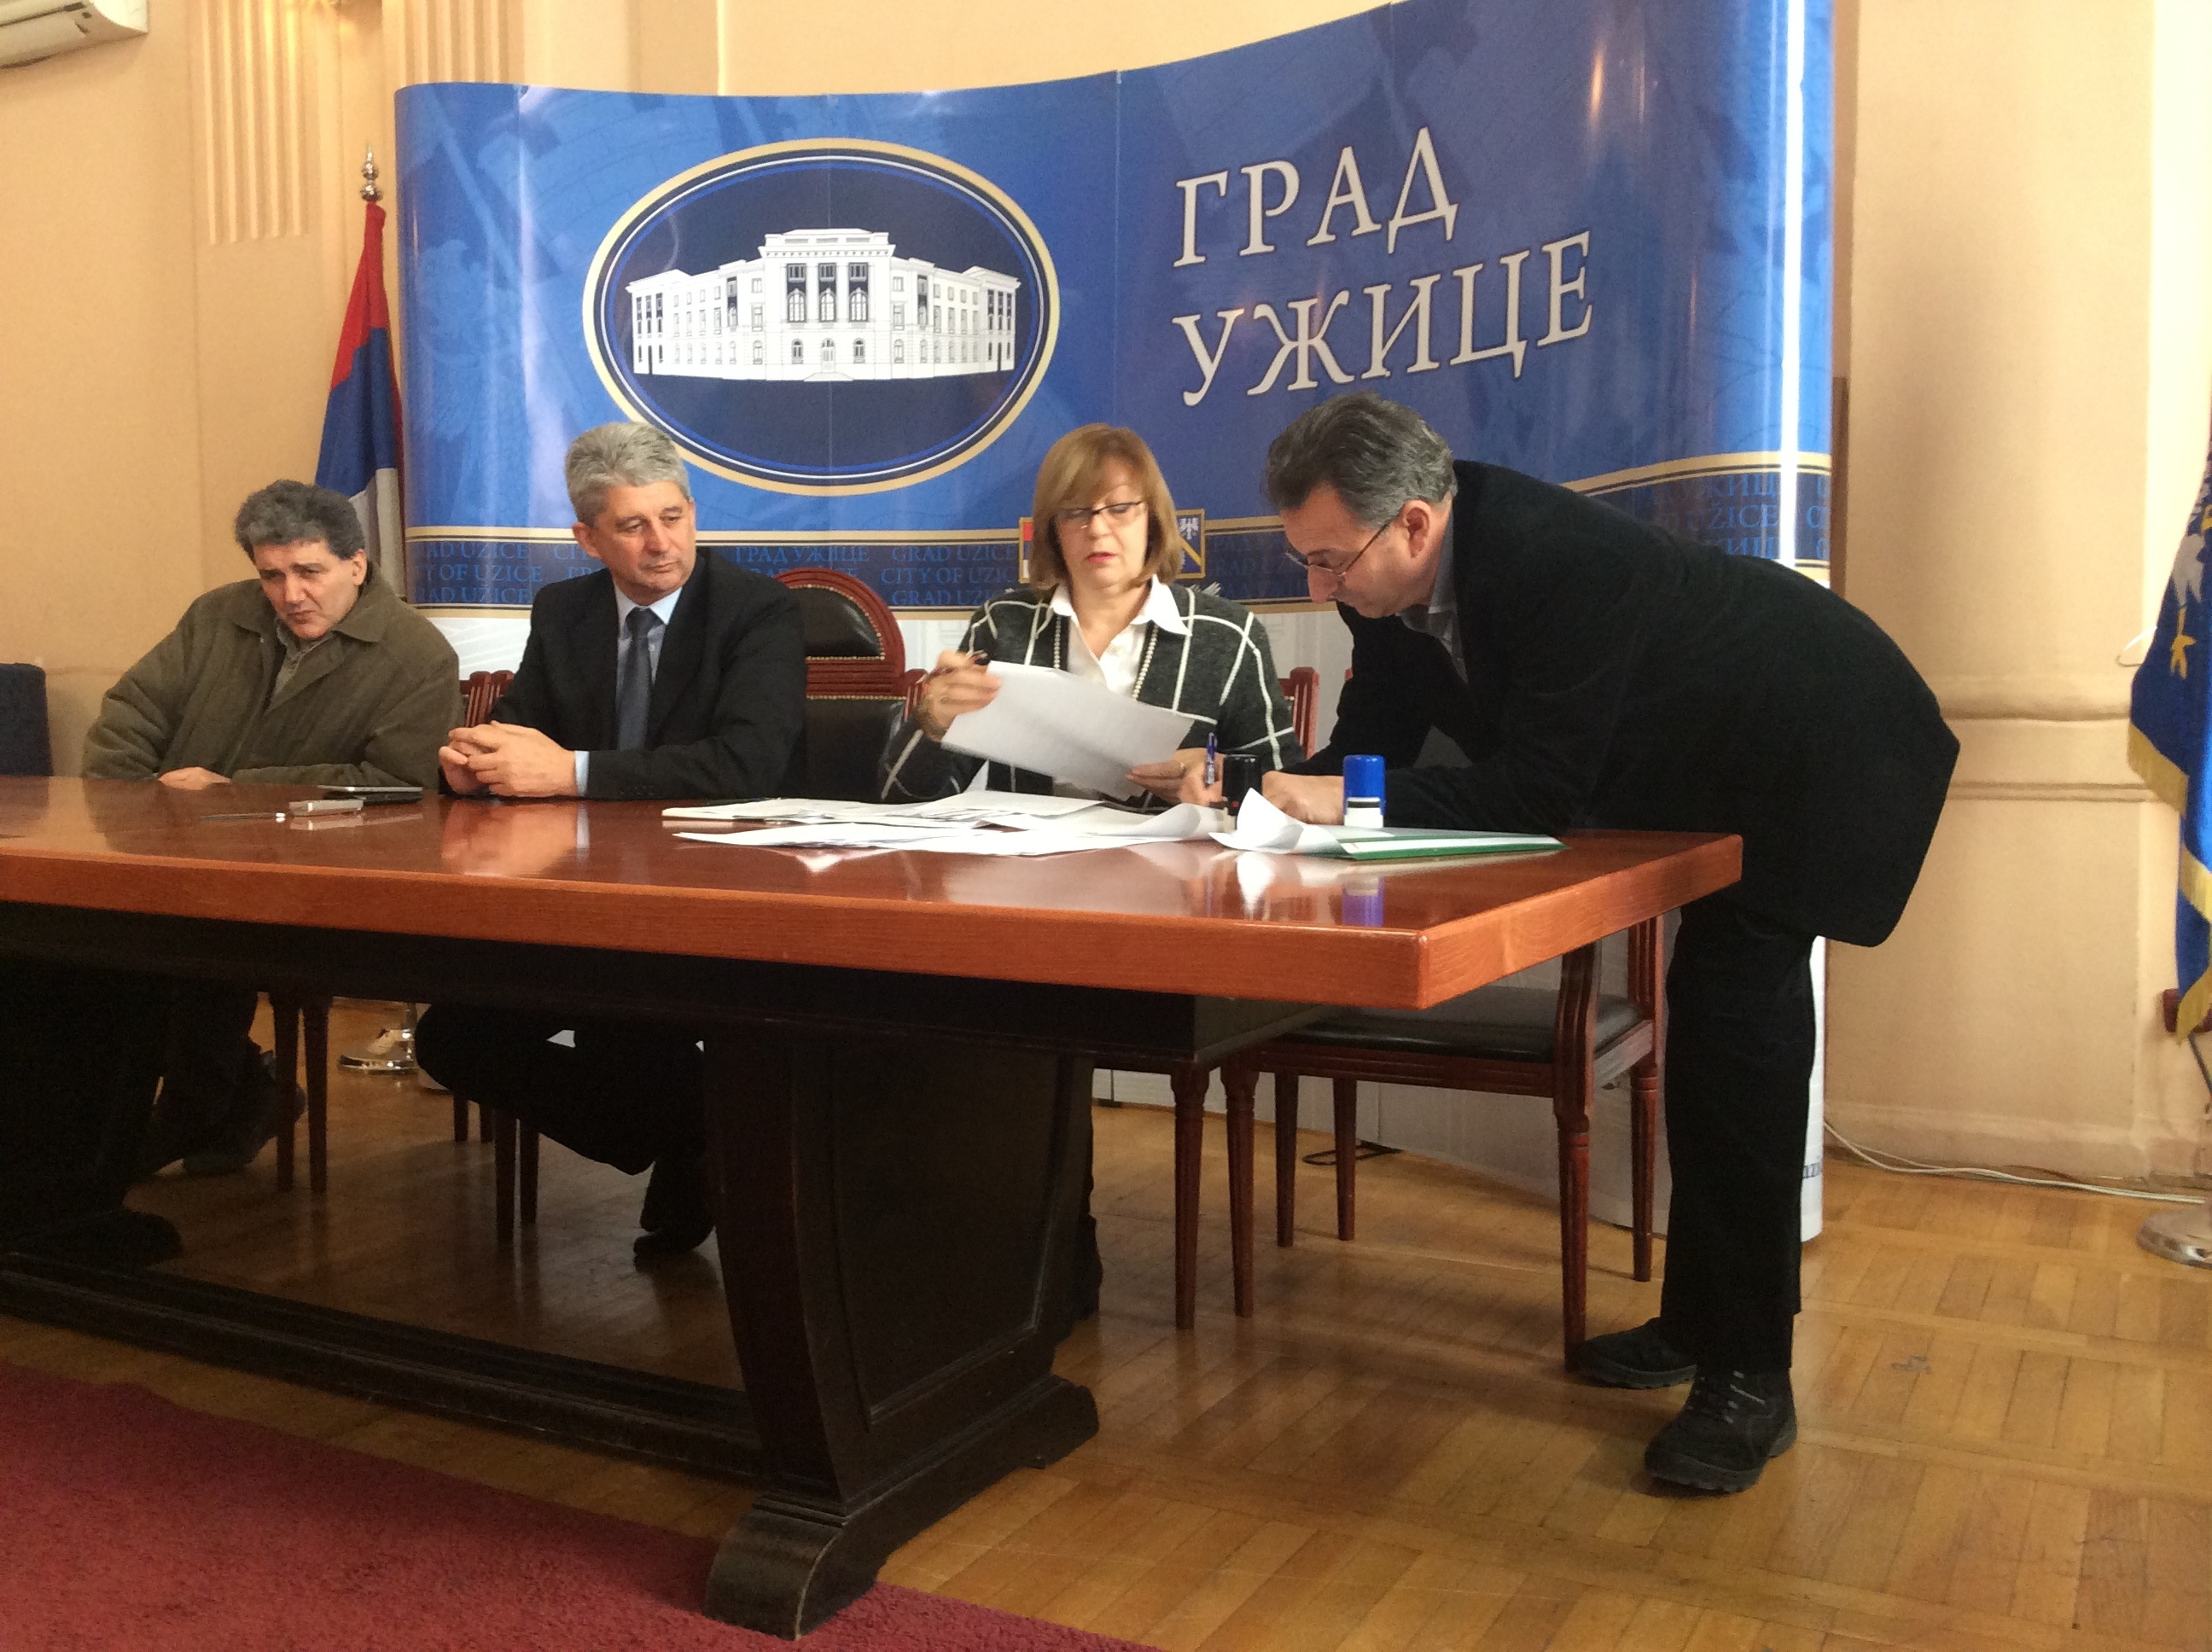 Potpisivanje ugovora sa udruženjima osoba sa invaliditetom koji su korisnici 8,5 miliona budžetskih sredstava grada Užica u 2017. godini Foto--URP